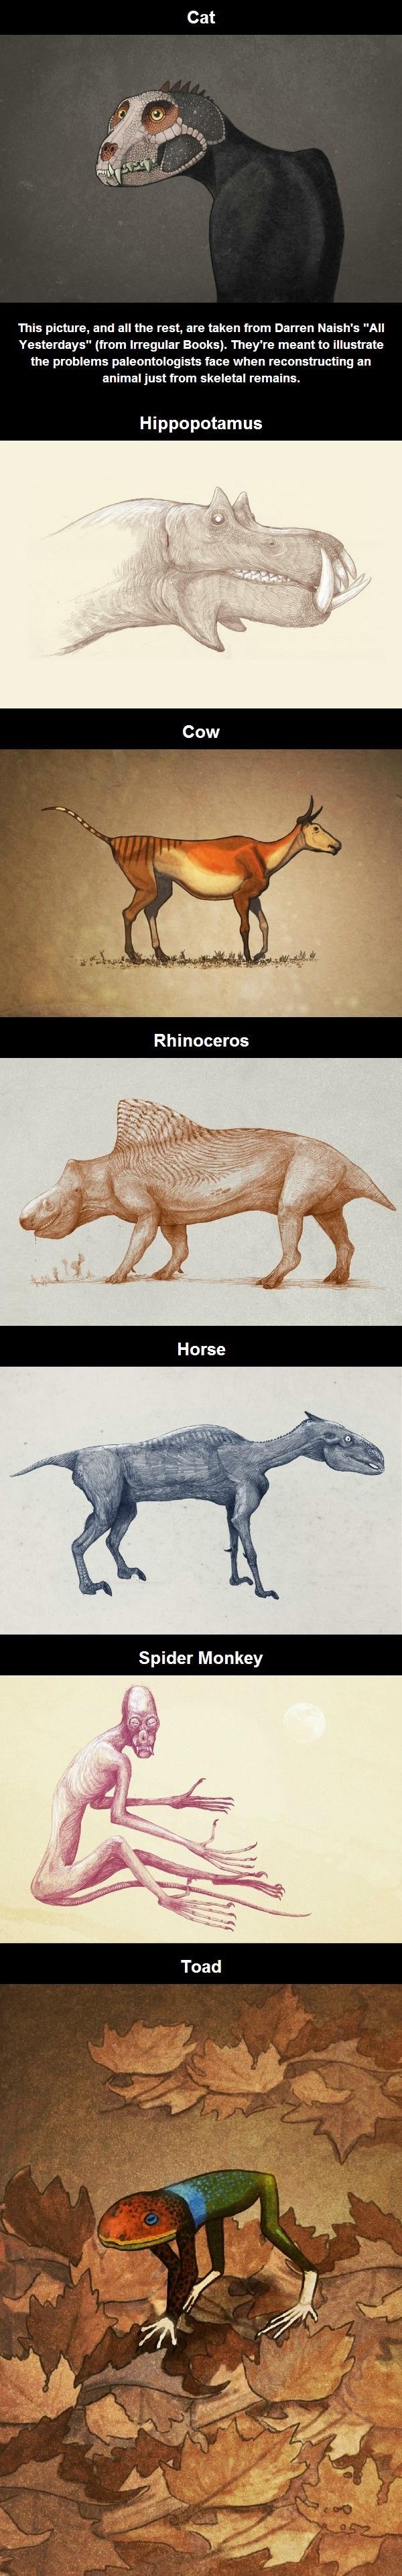 Shrink-wrapped animals  Shrinking Animals